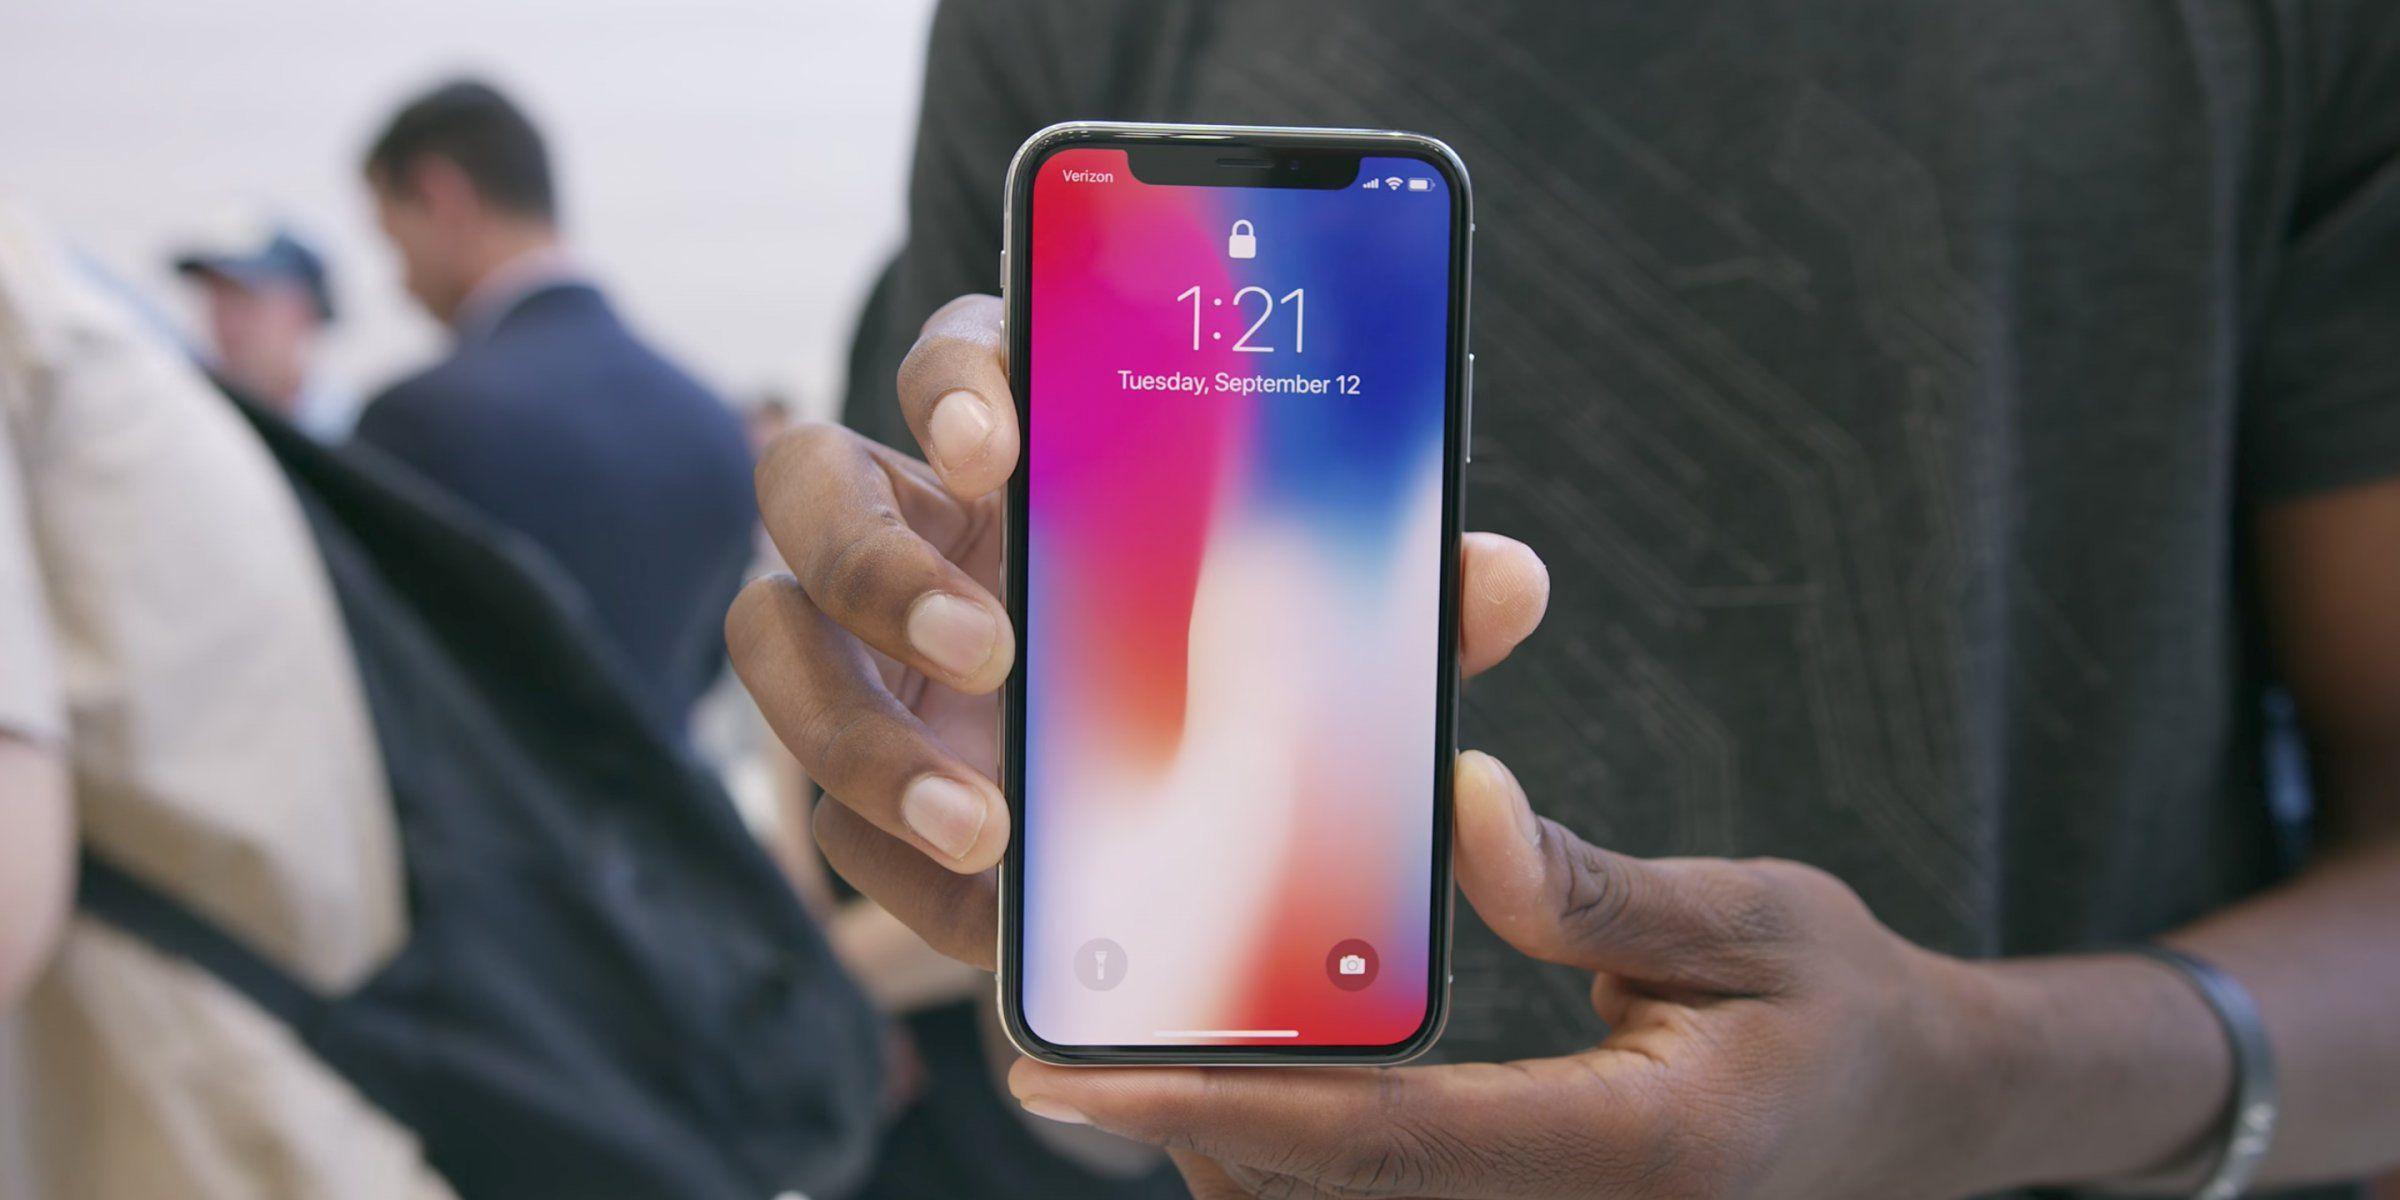 Any app that works with Apple's fingerprint sensor will